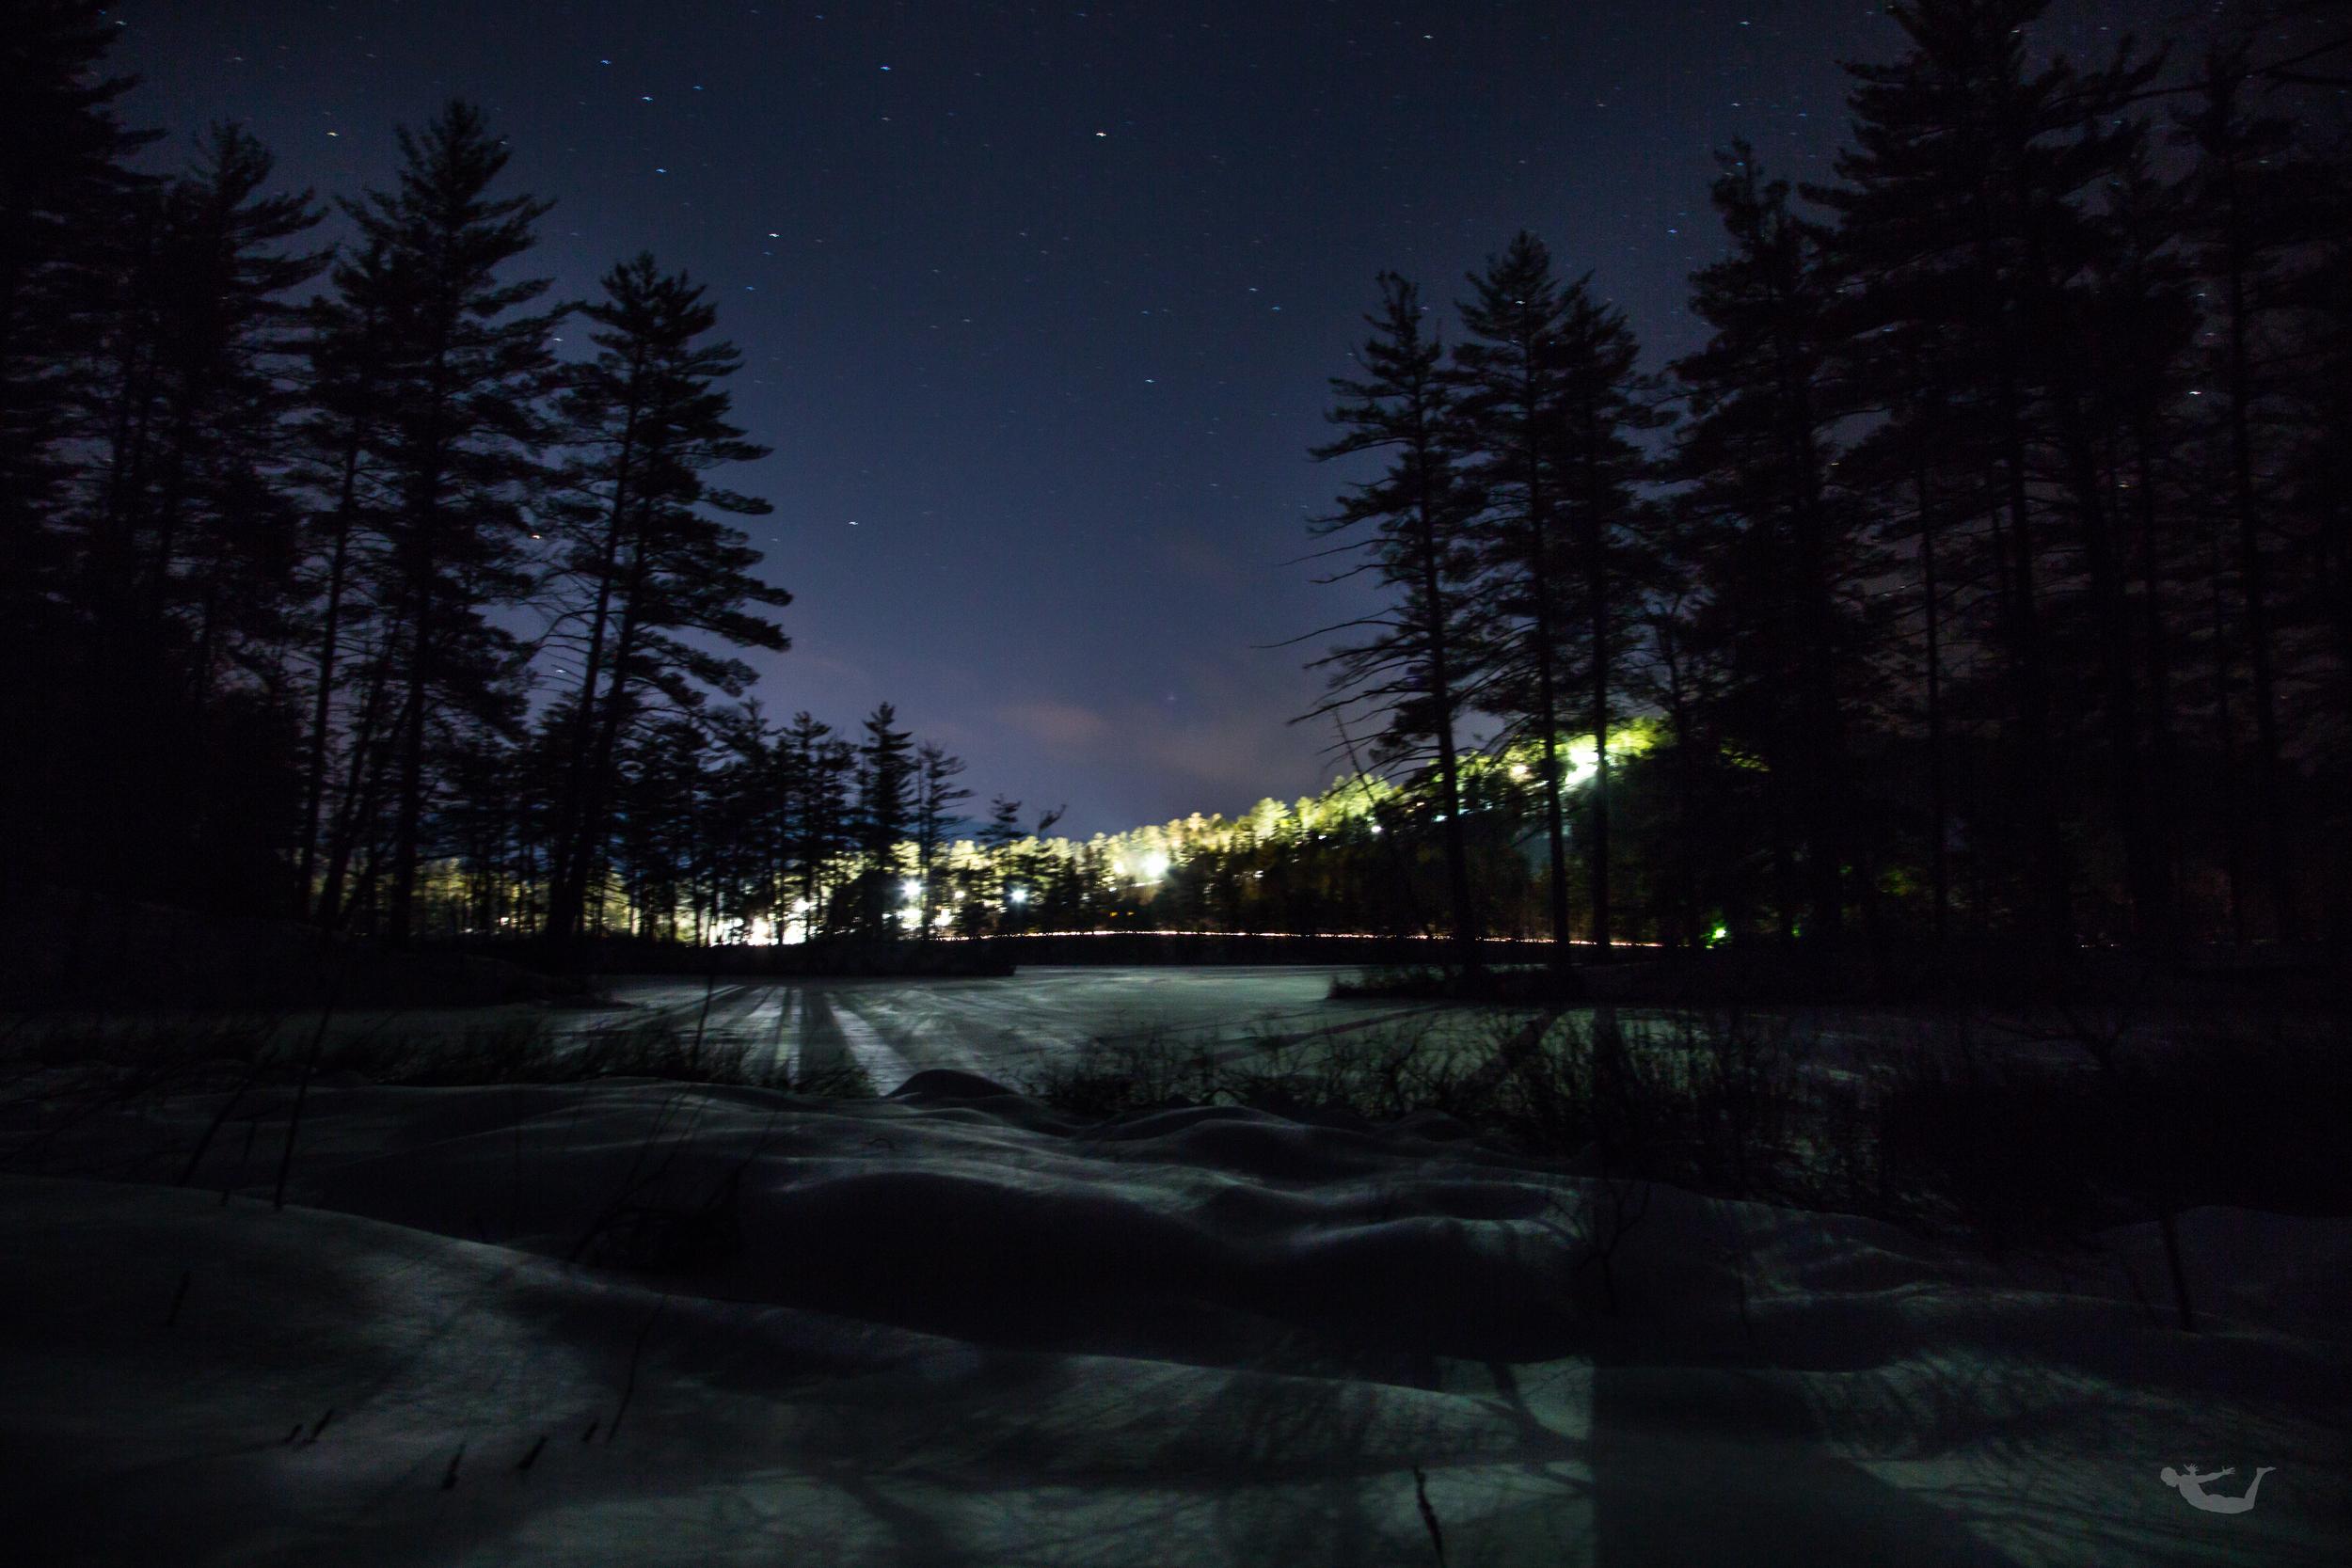 King Pine Ski Resort